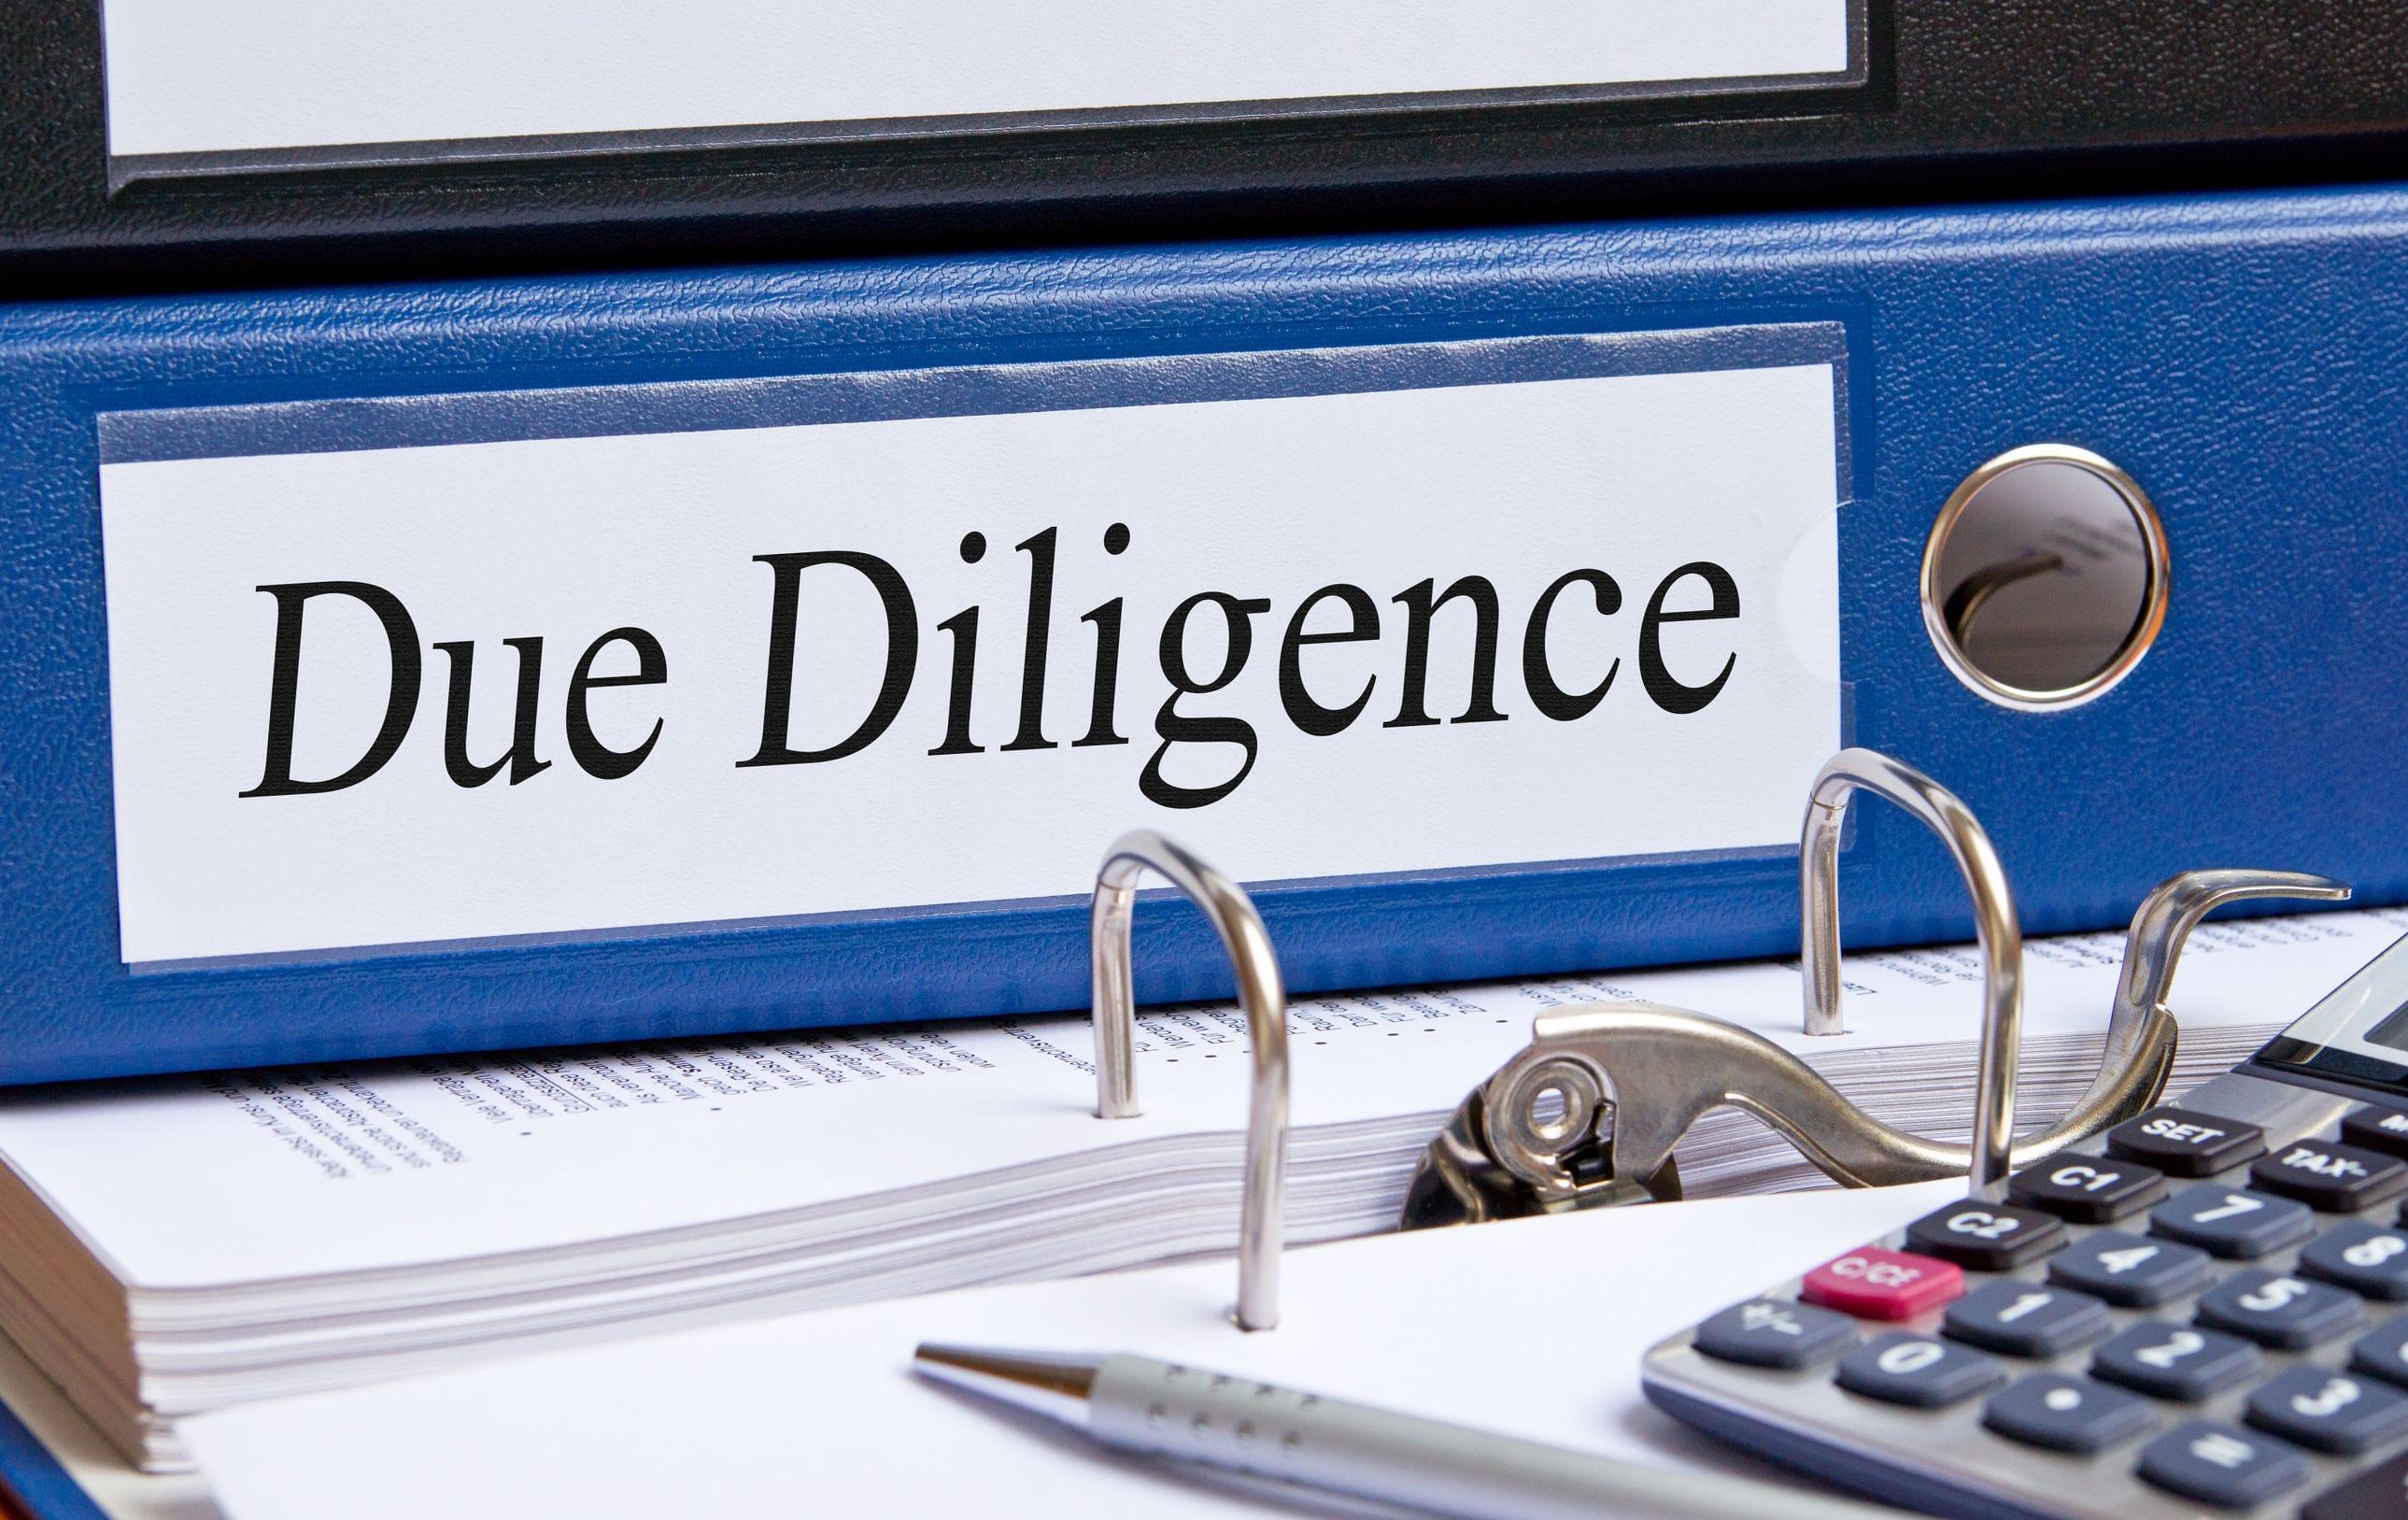 due diligence, wesharebonds, financement participatif, crowdlending, credit due diligence, deligence, digilence, dilegence, diligance, diligeance, diligence, diligence due, diligences définition juridique, du diligence, dué, due deligance, due deligience, due deligince, due digilence, due diigence, due diliegence, due diligen, due diligence, due diligences, due diligenece, due dillagence, due dillegance, due dillience, due dilligence, due dilligent, due dillignece, due dillligence, due dilogence, due to diligence, duel diligence, dues diligences, il a due, la due diligence, les diligences, qu est ce qu une due diligence, qu est ce que la due diligence, to due diligence, ue diligence, un due, une due diligence